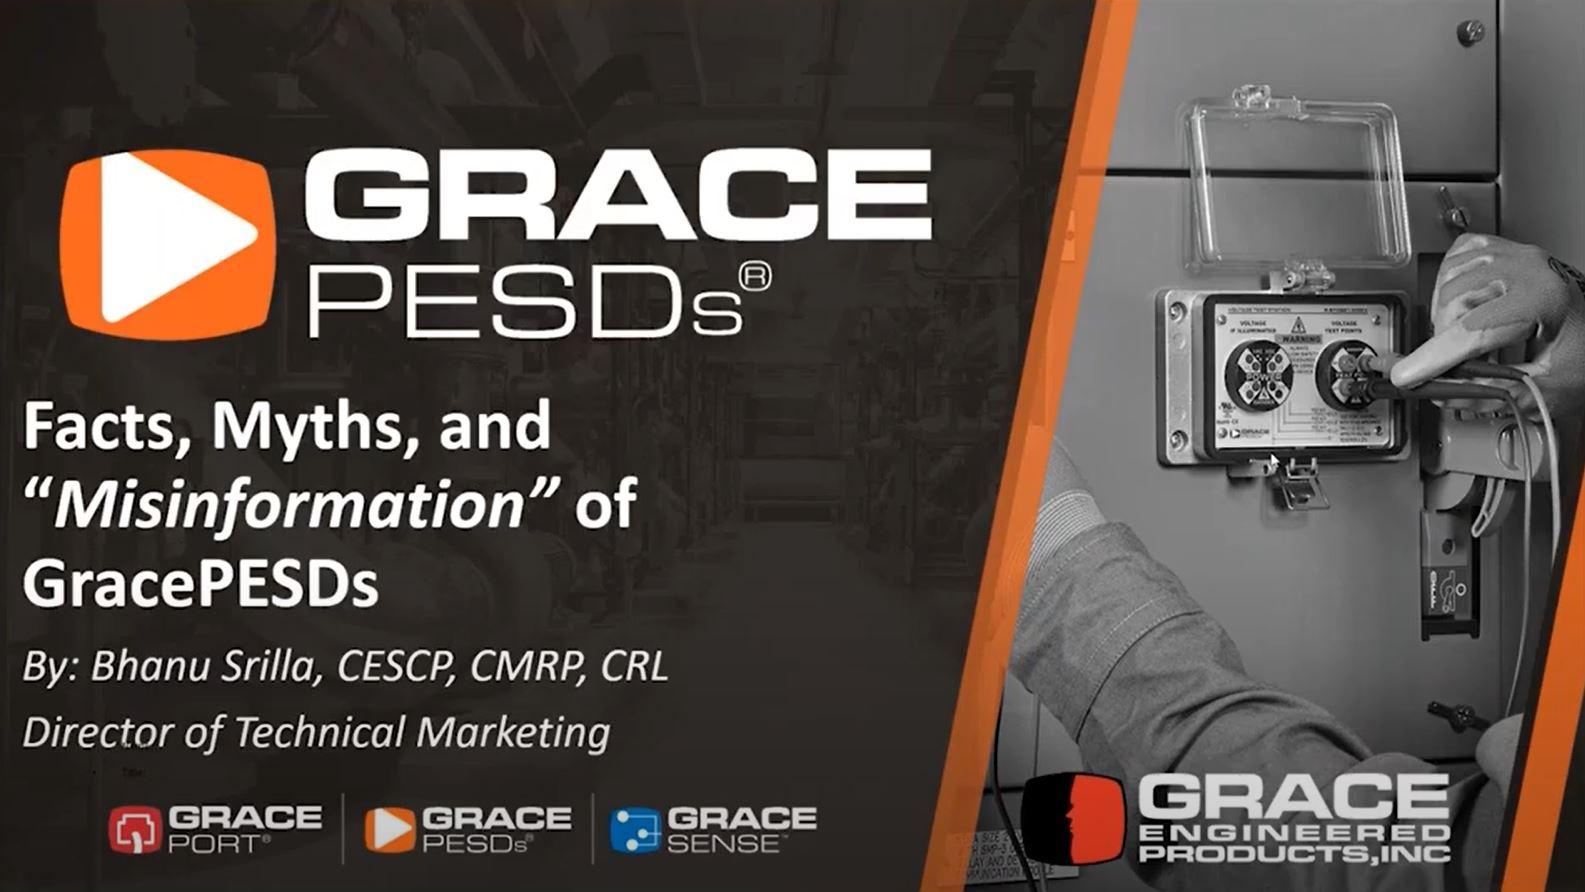 GracePESDs Facts and Myths